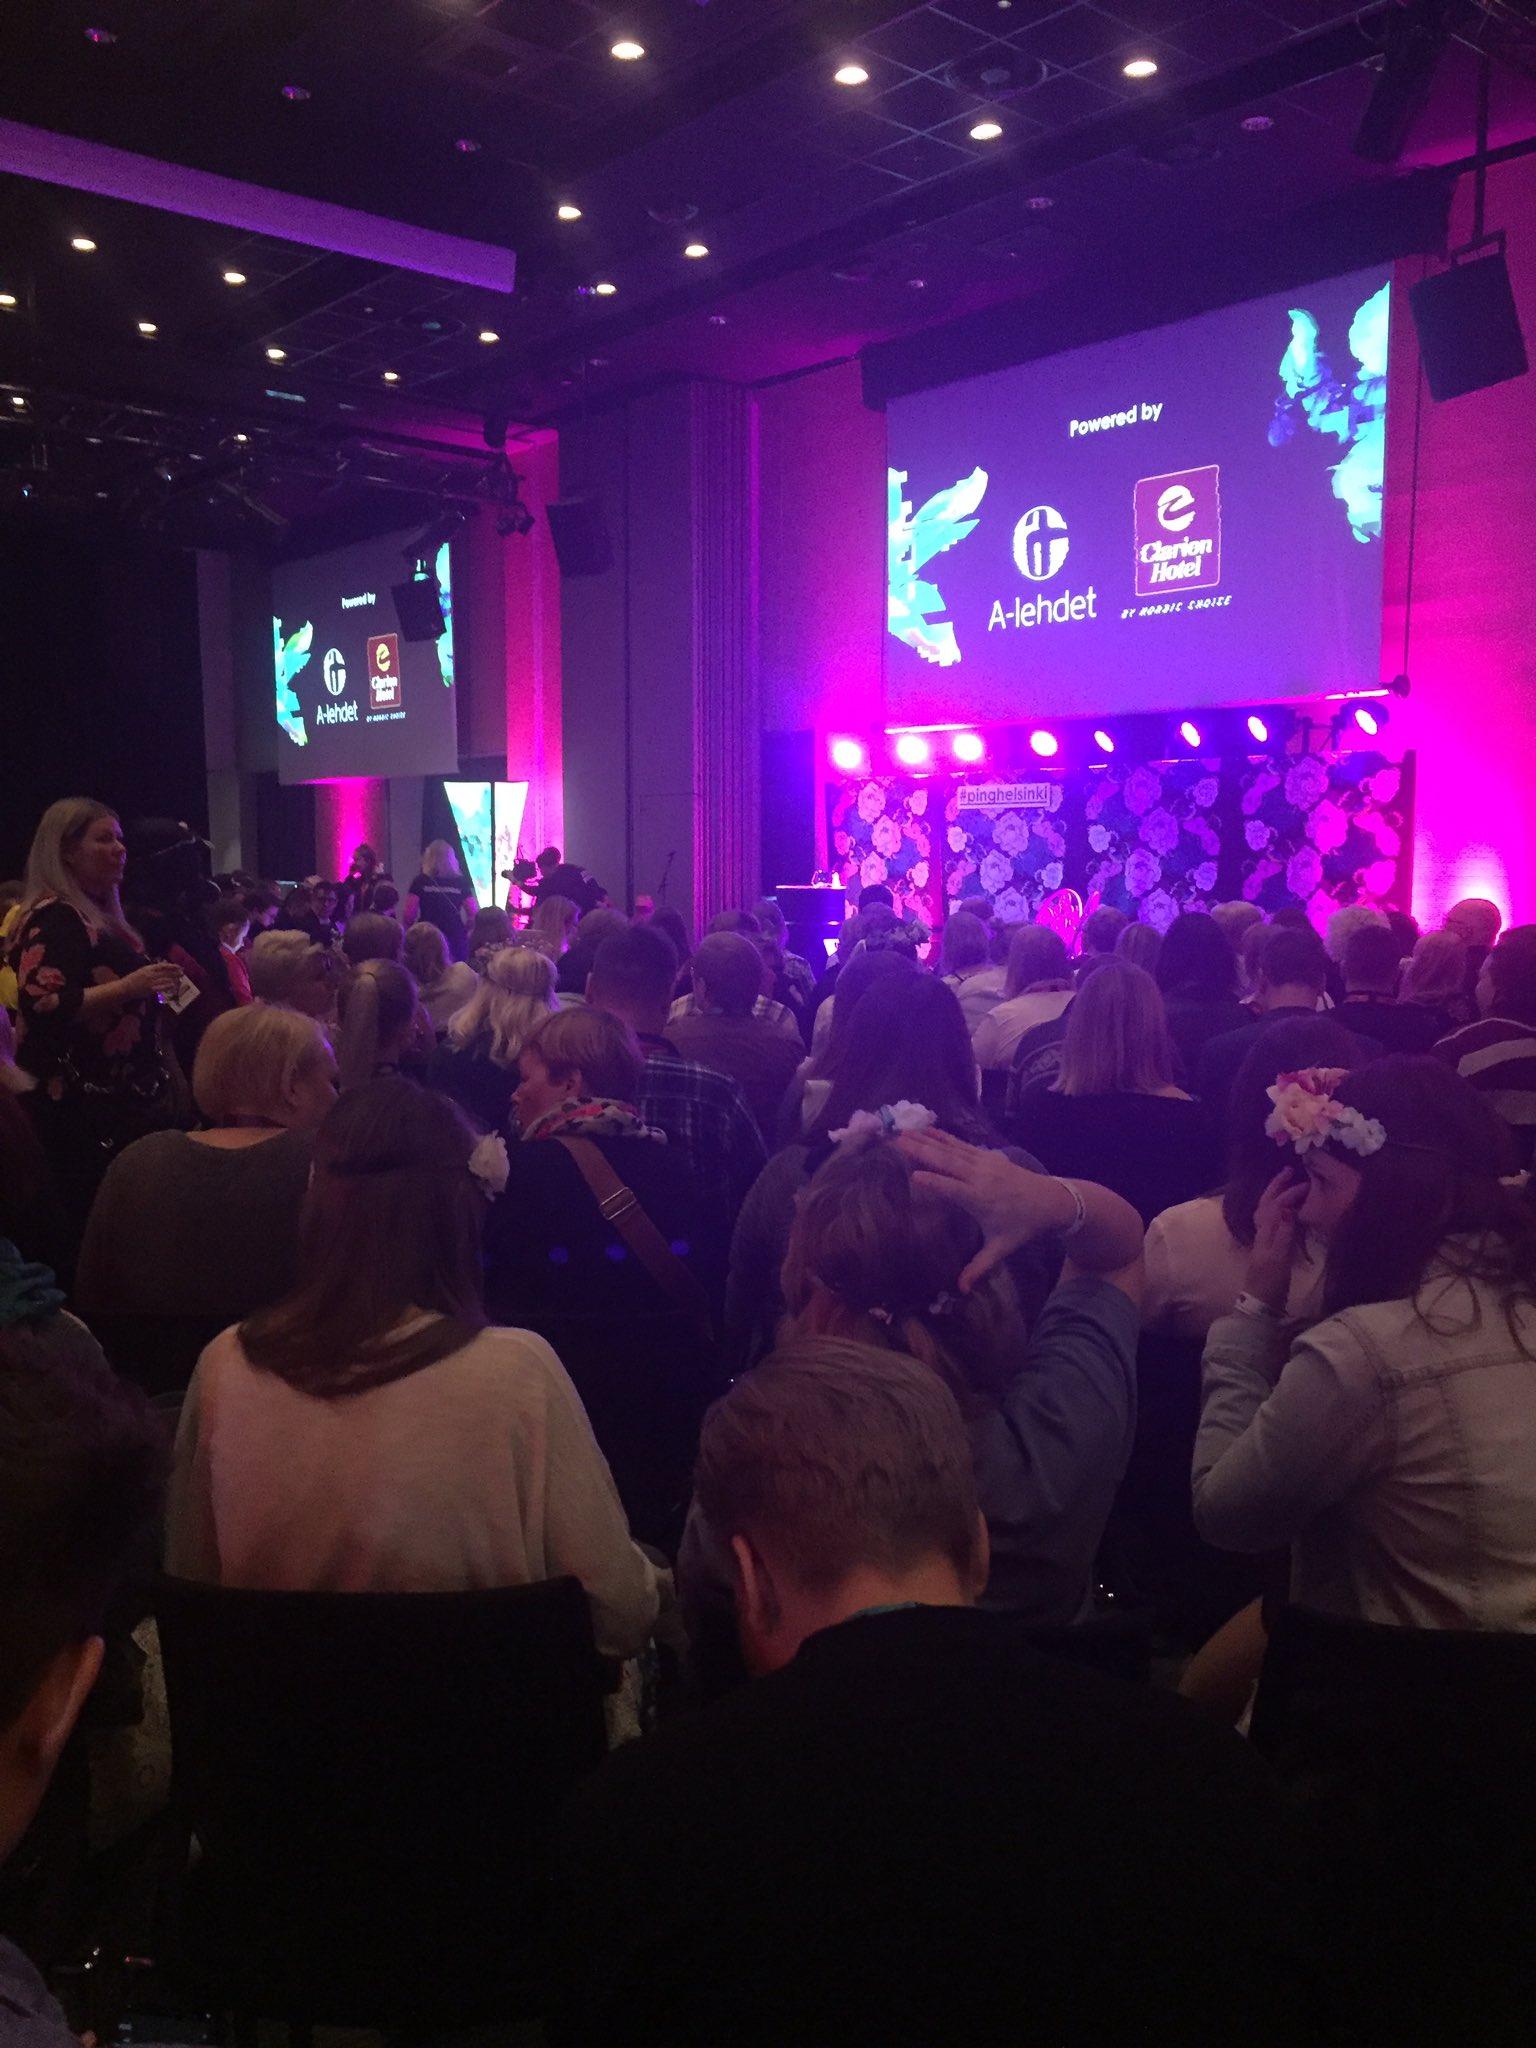 Tupa täynnä vaikuttajia ja #sisältömarkkinointi ammattilaisia! #pinghelsinki #alehdet #contentmarketing https://t.co/UFcGg1Rd9I